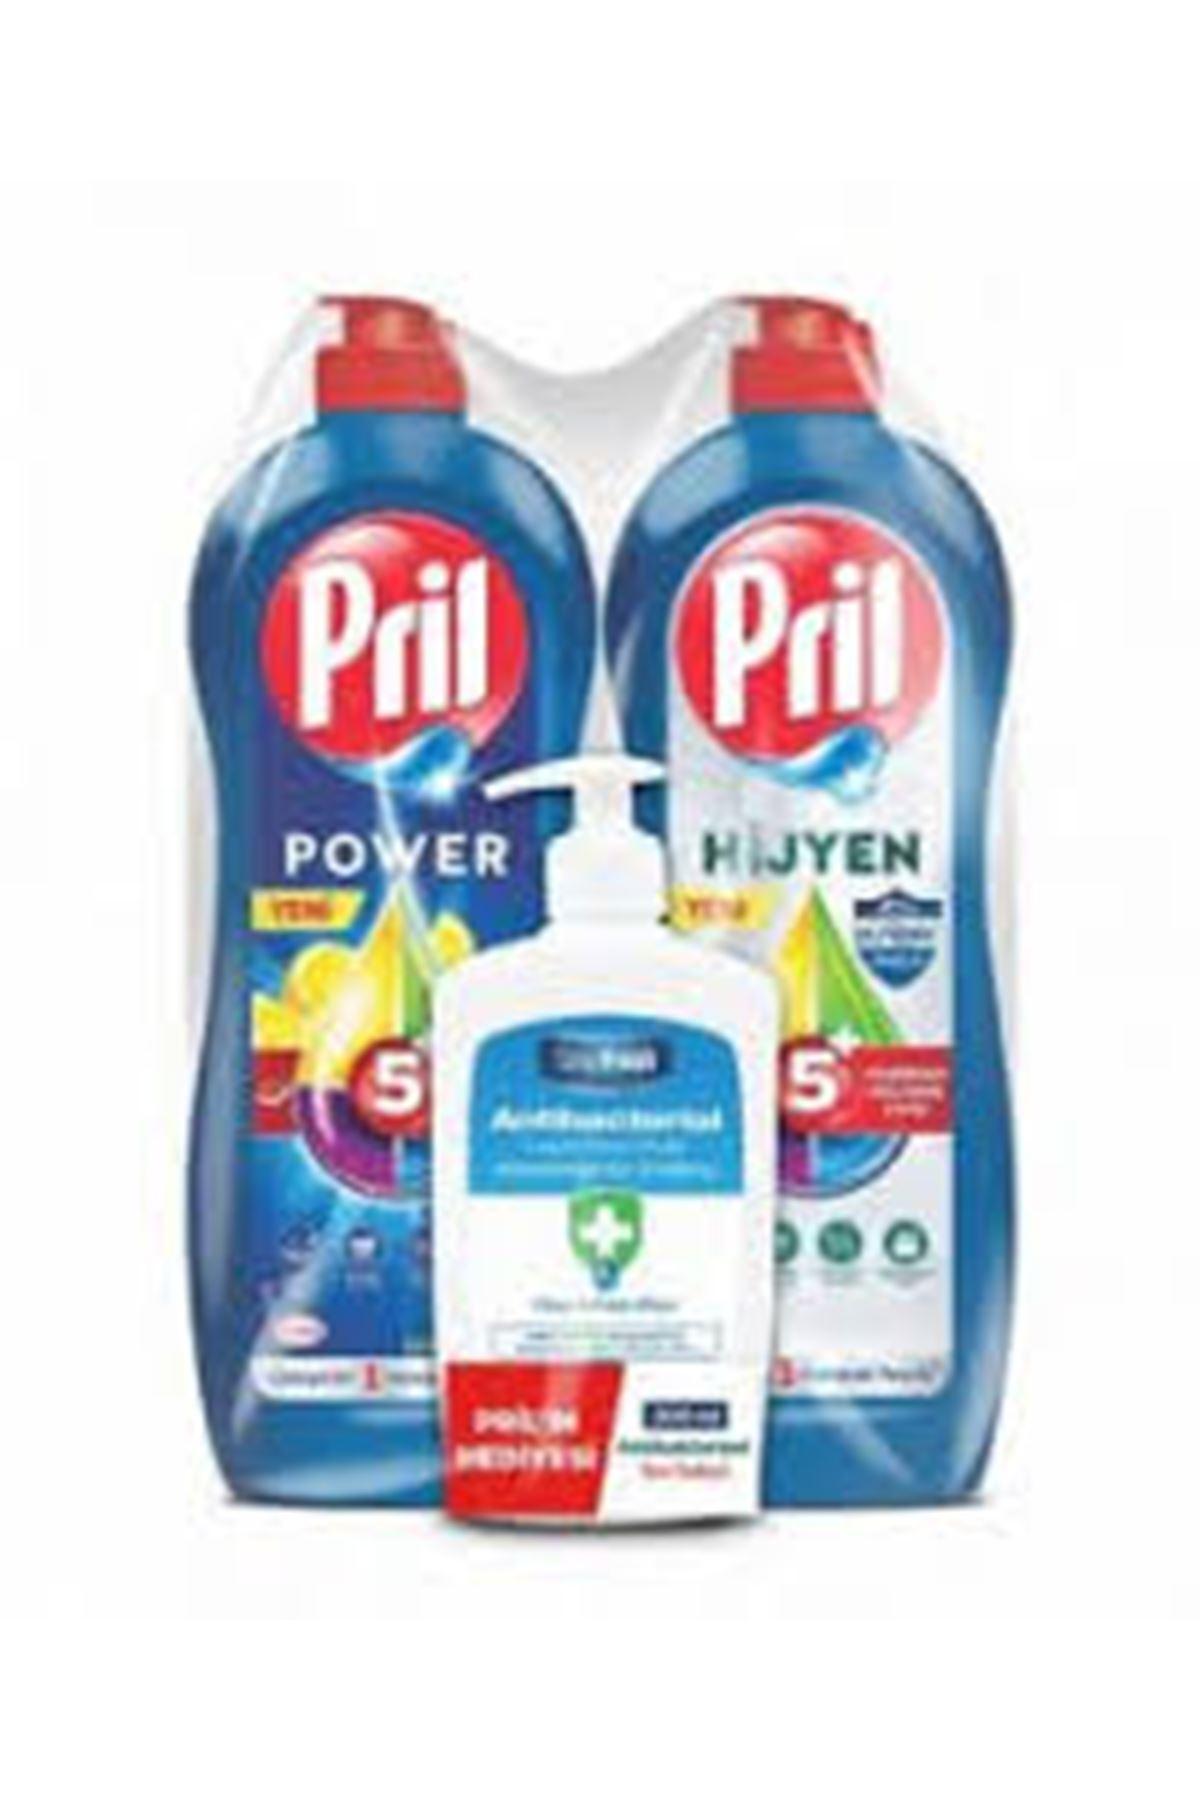 PRİL BULAŞIK DETERJANI Power ve Hijyen 2x675 GR  // 300 Ml Antibacterial DeepFresh Sıvı Sabun Hediye